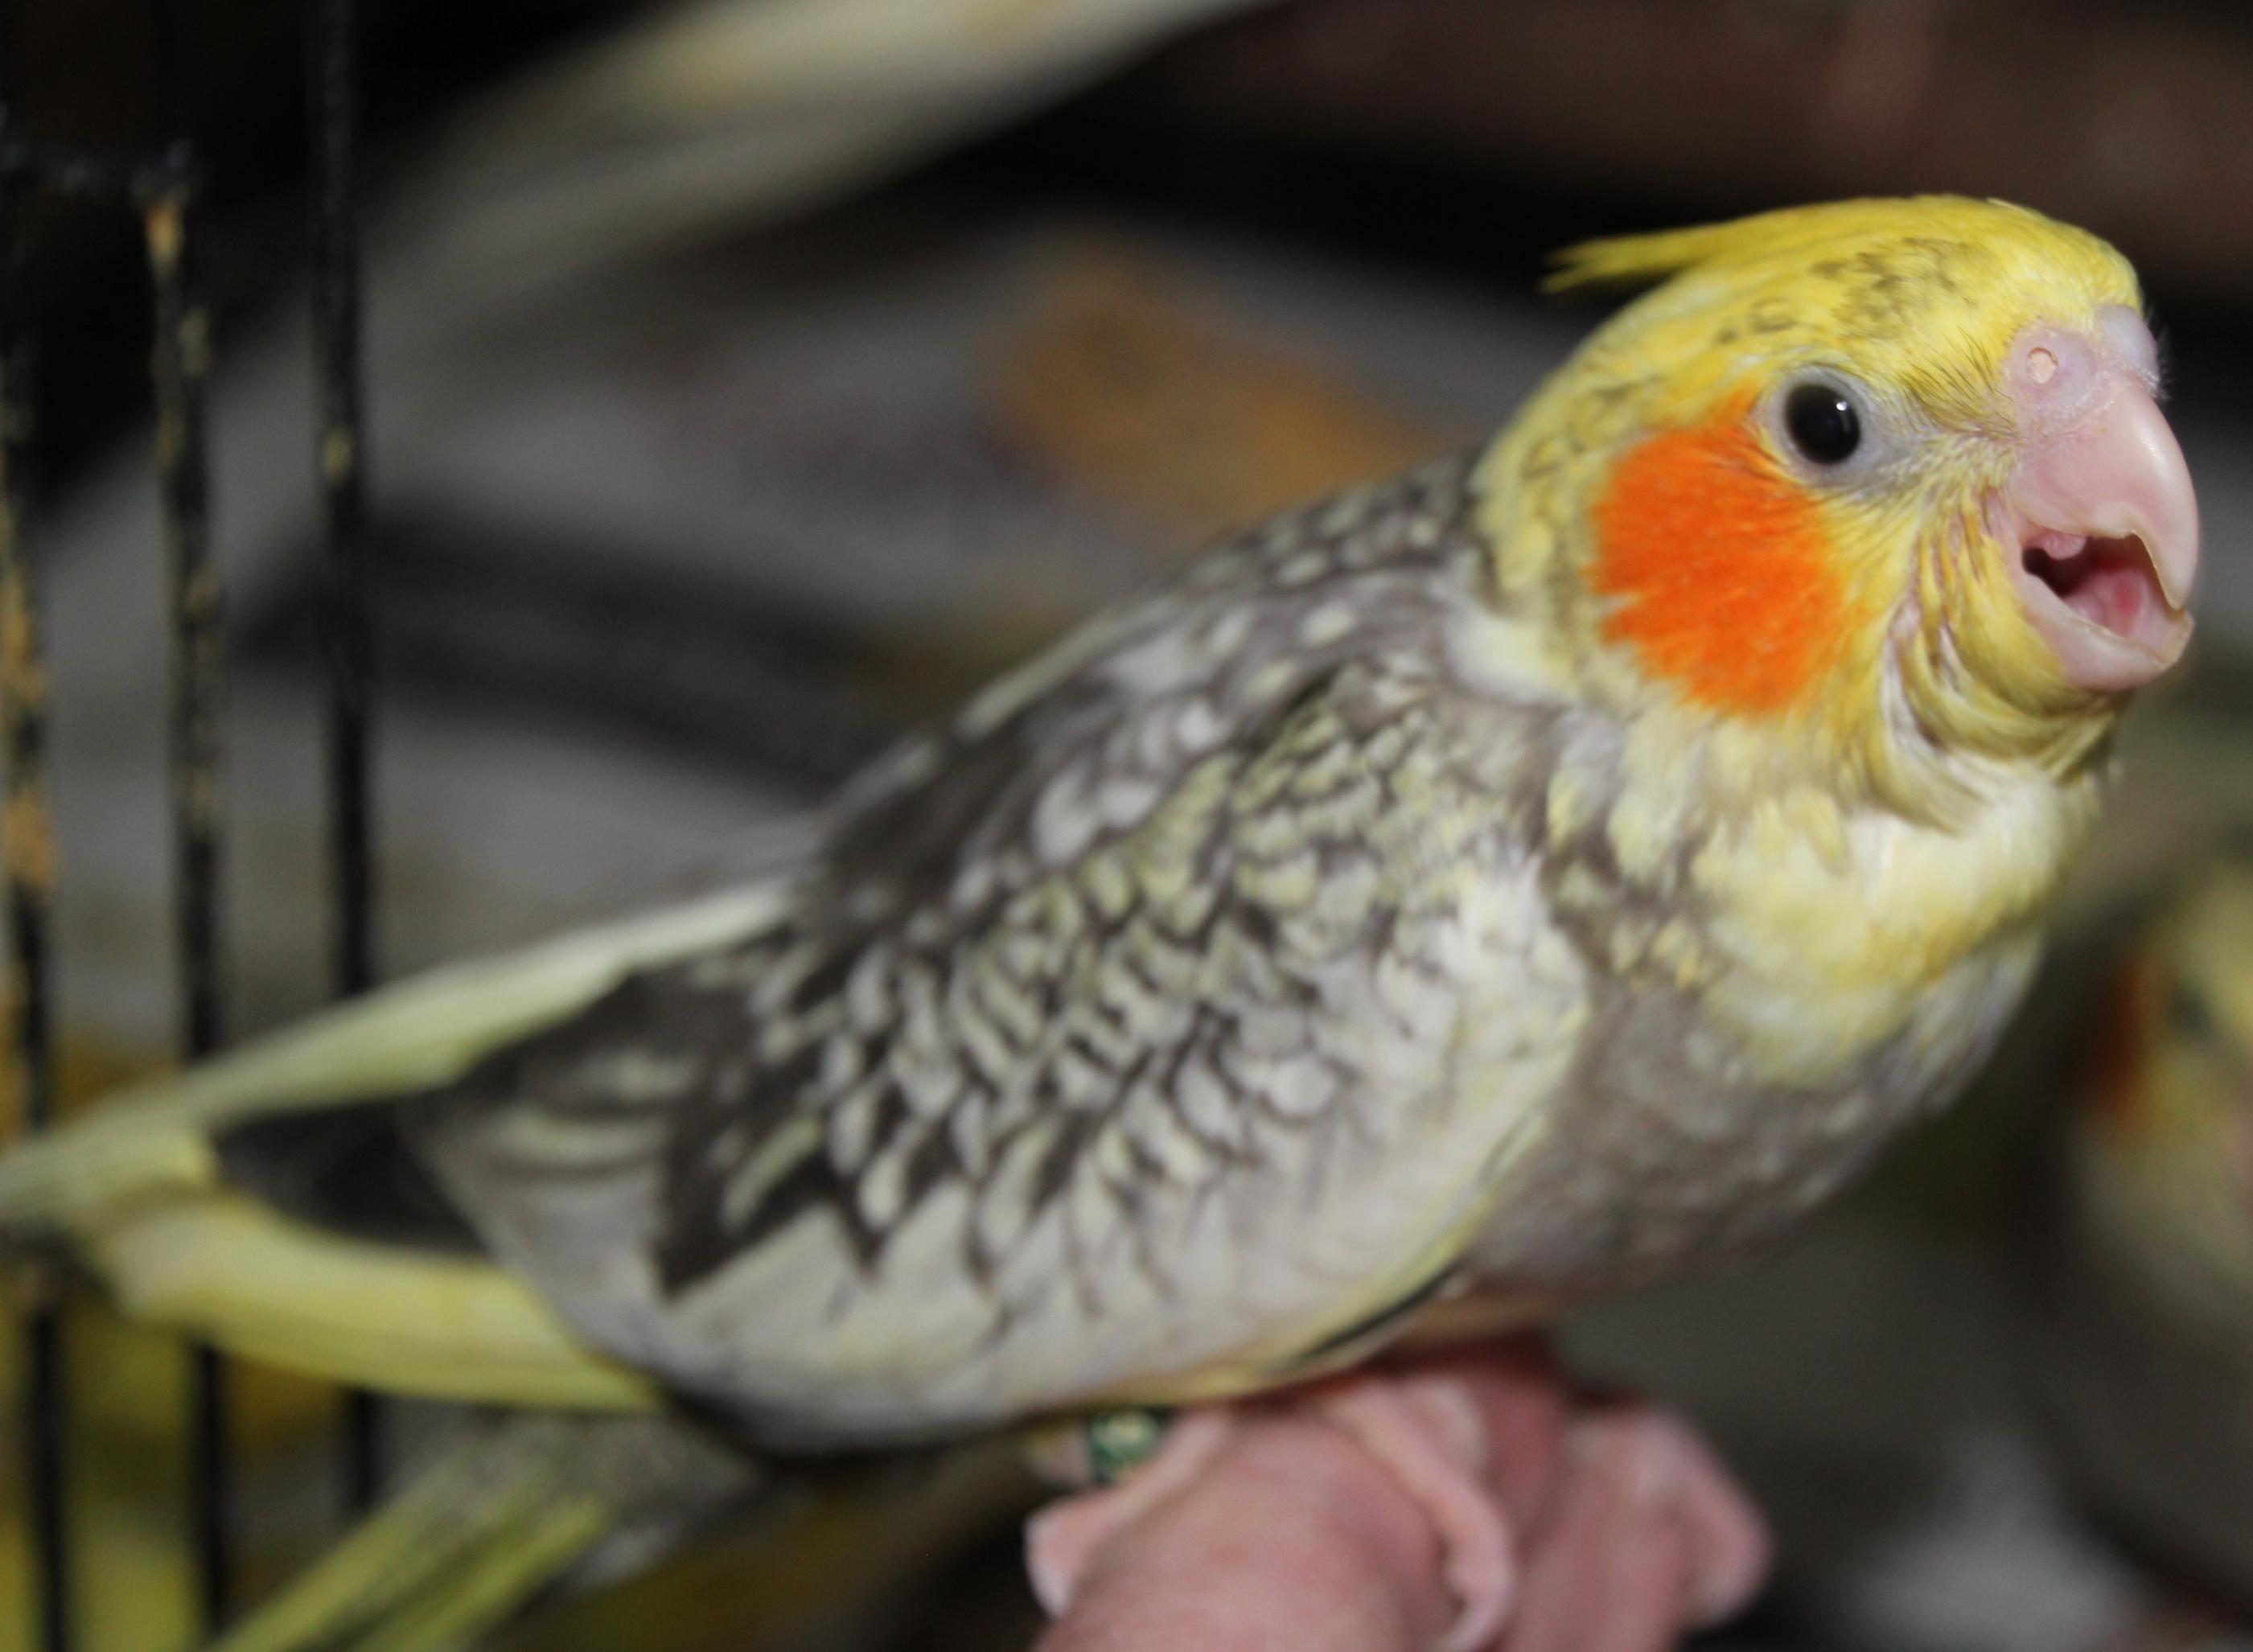 HomePage [parrotsrok.com]